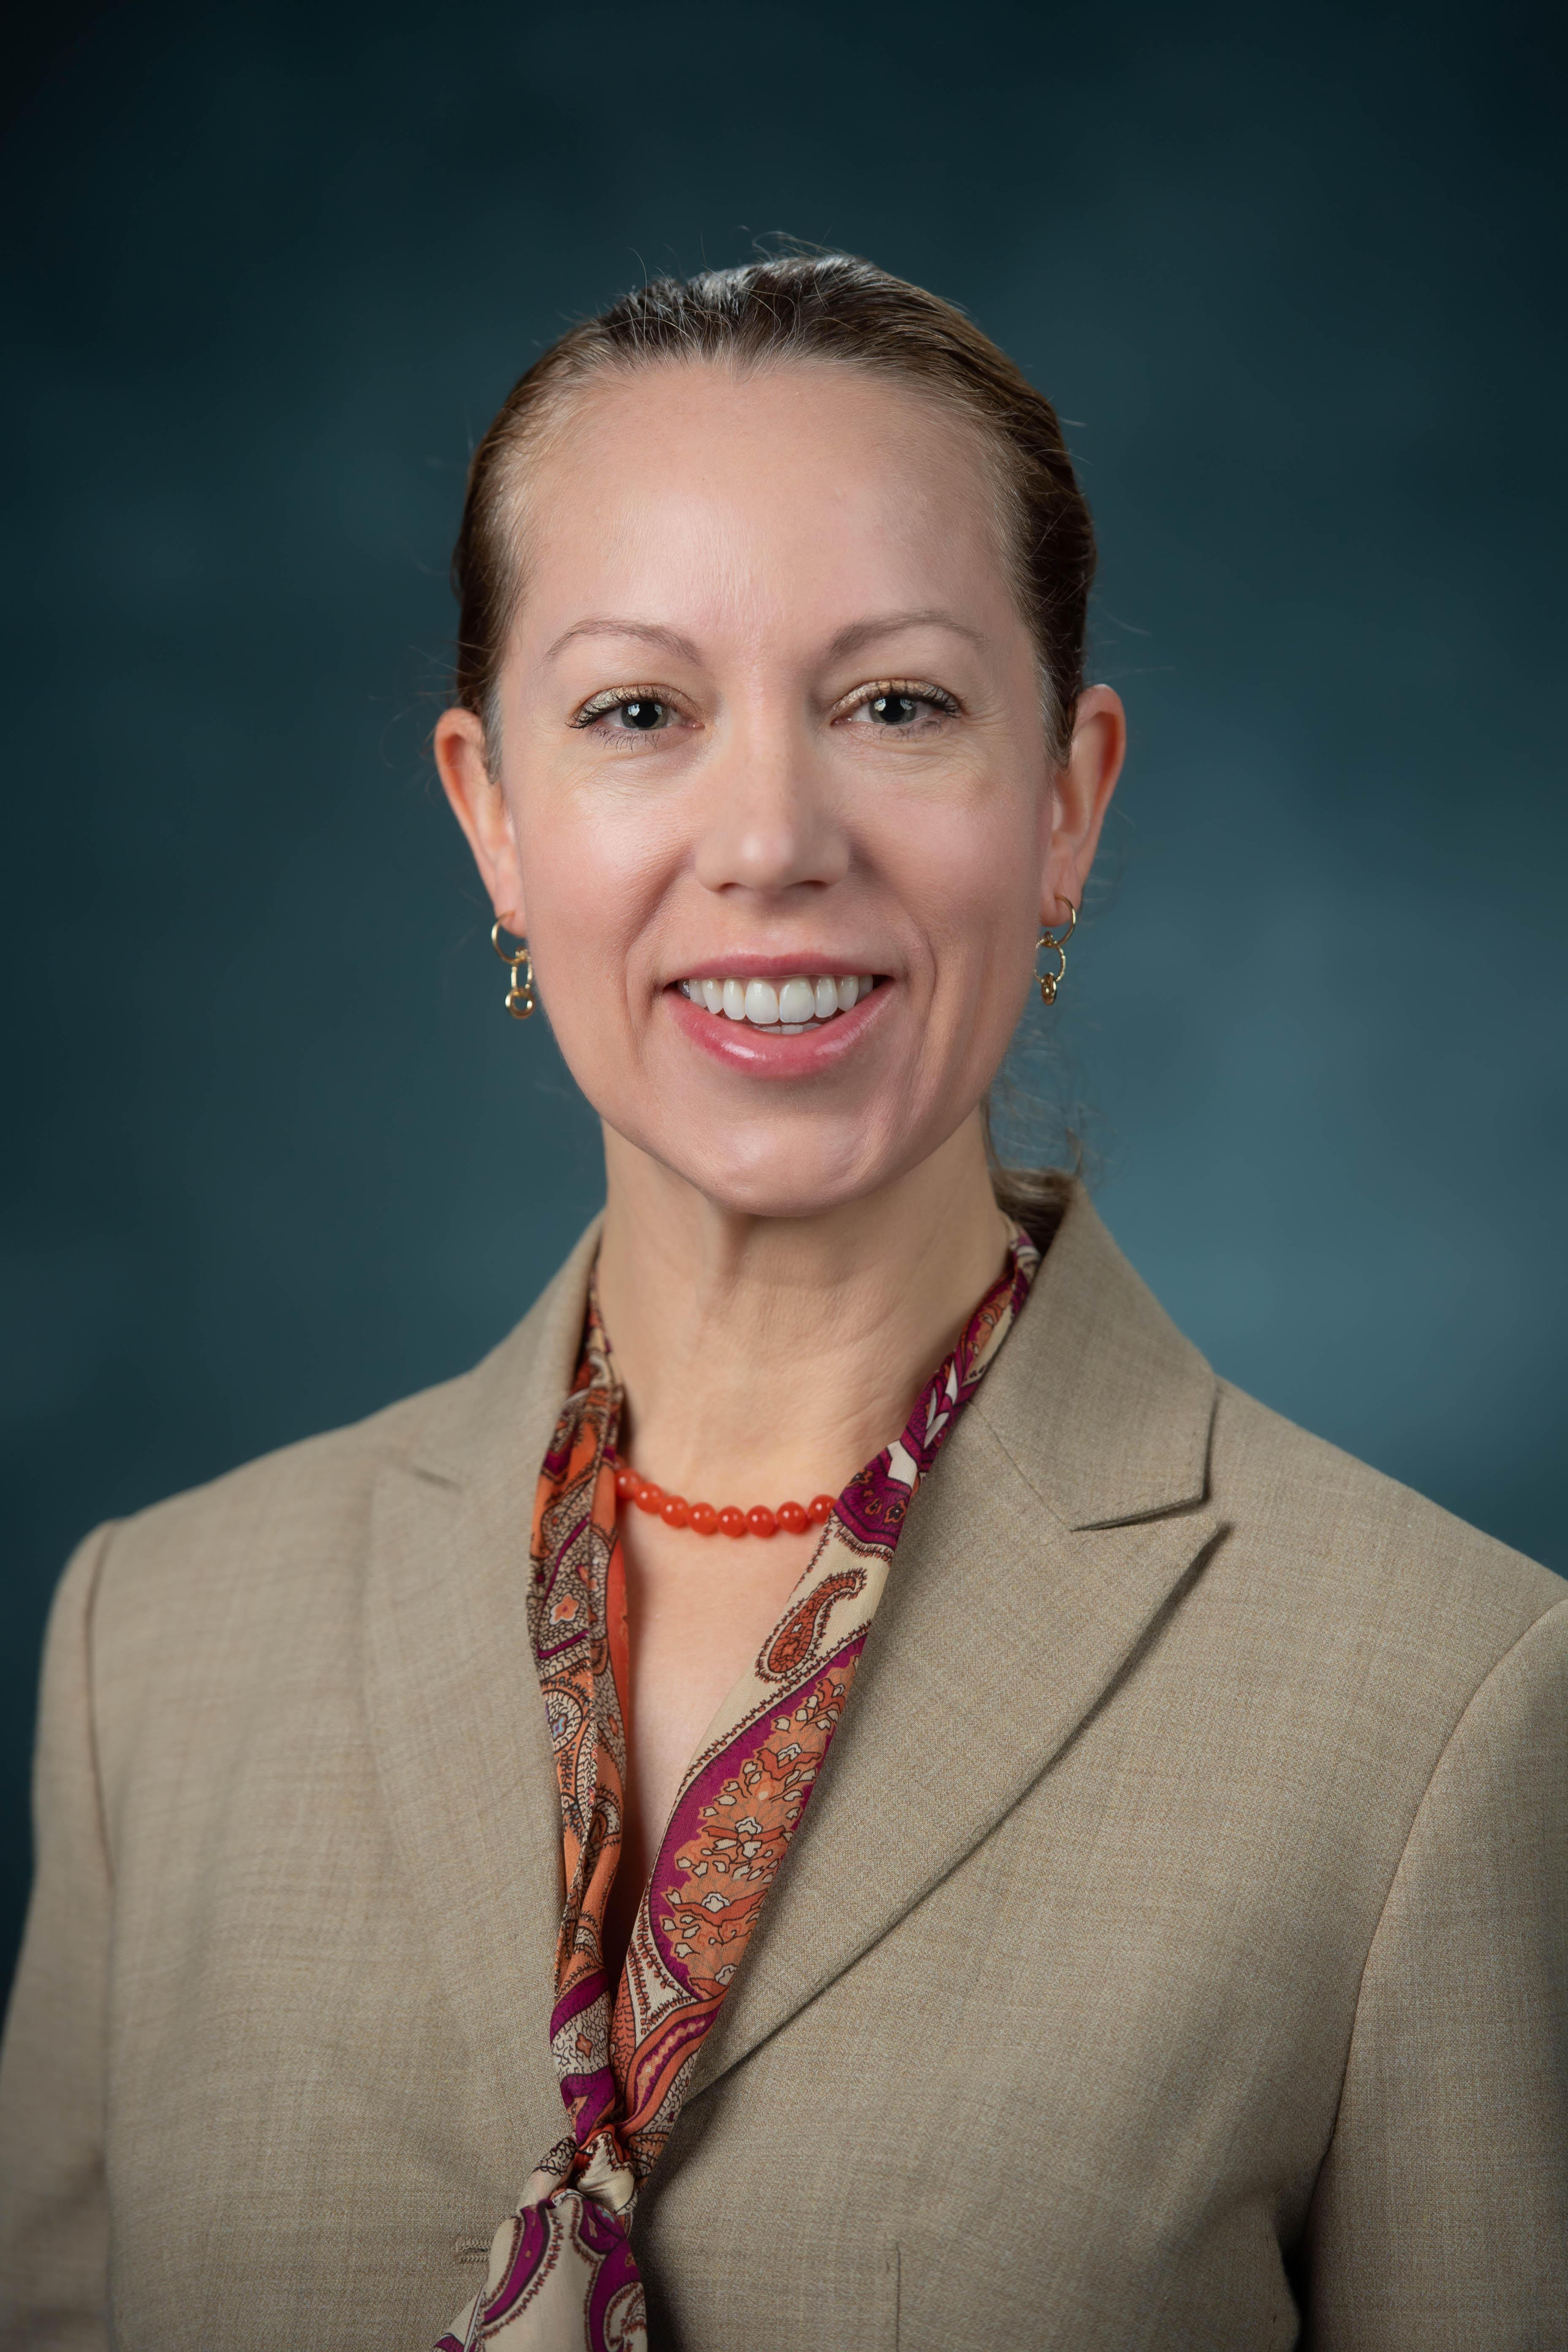 Deborah Mower, board member